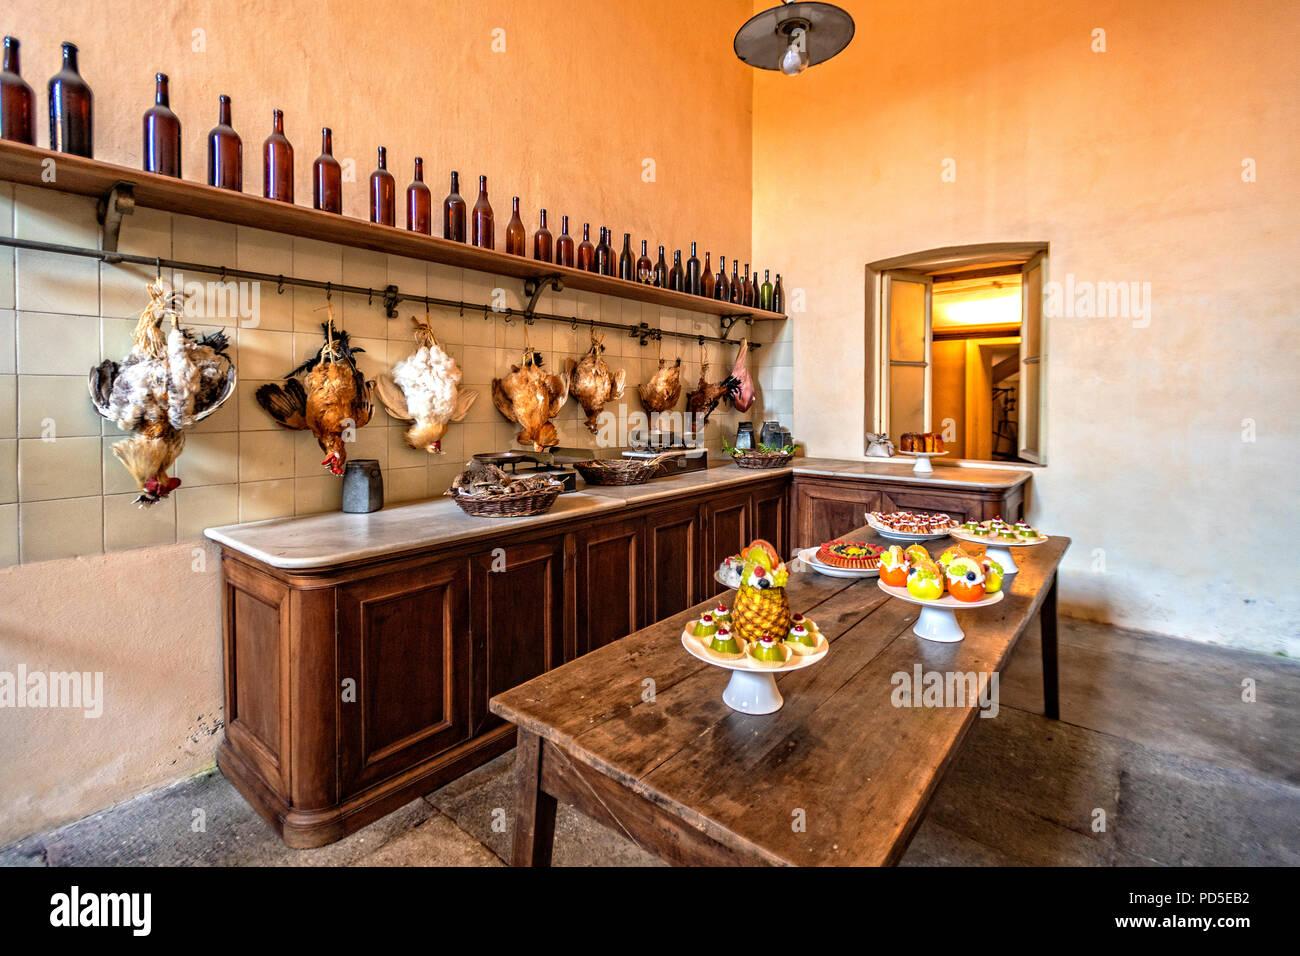 Italia piemonte racconigi sabauda residences castello for Cucine in stock